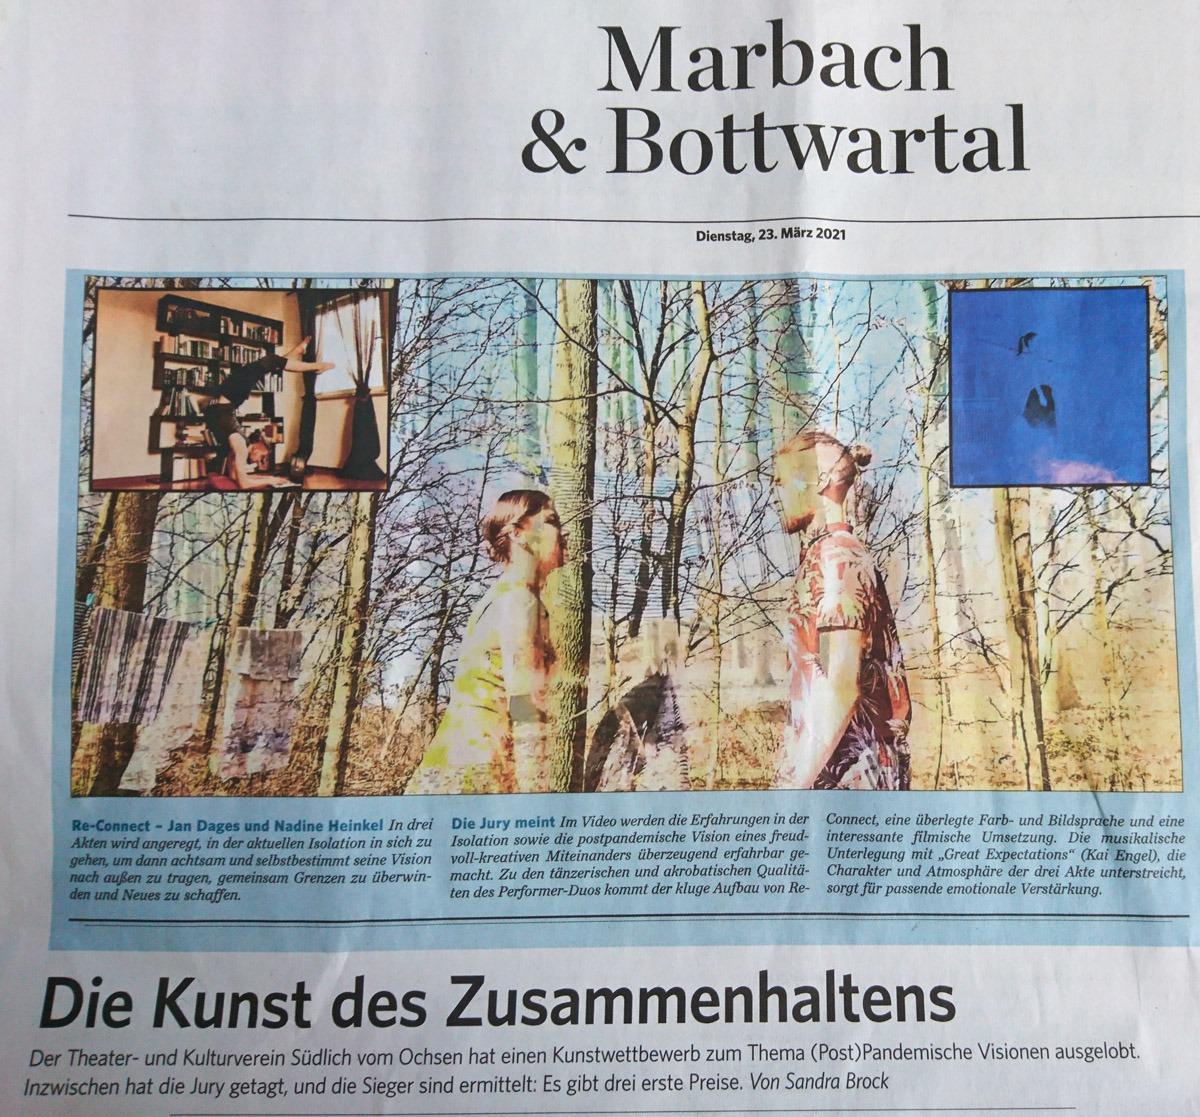 """LuxArt - Performancekunst & Feurtanz gewinnt beim Kunstwettbewerb """"Zusammenhalt ist Kunst"""" - Zeitungsartikel S.1"""